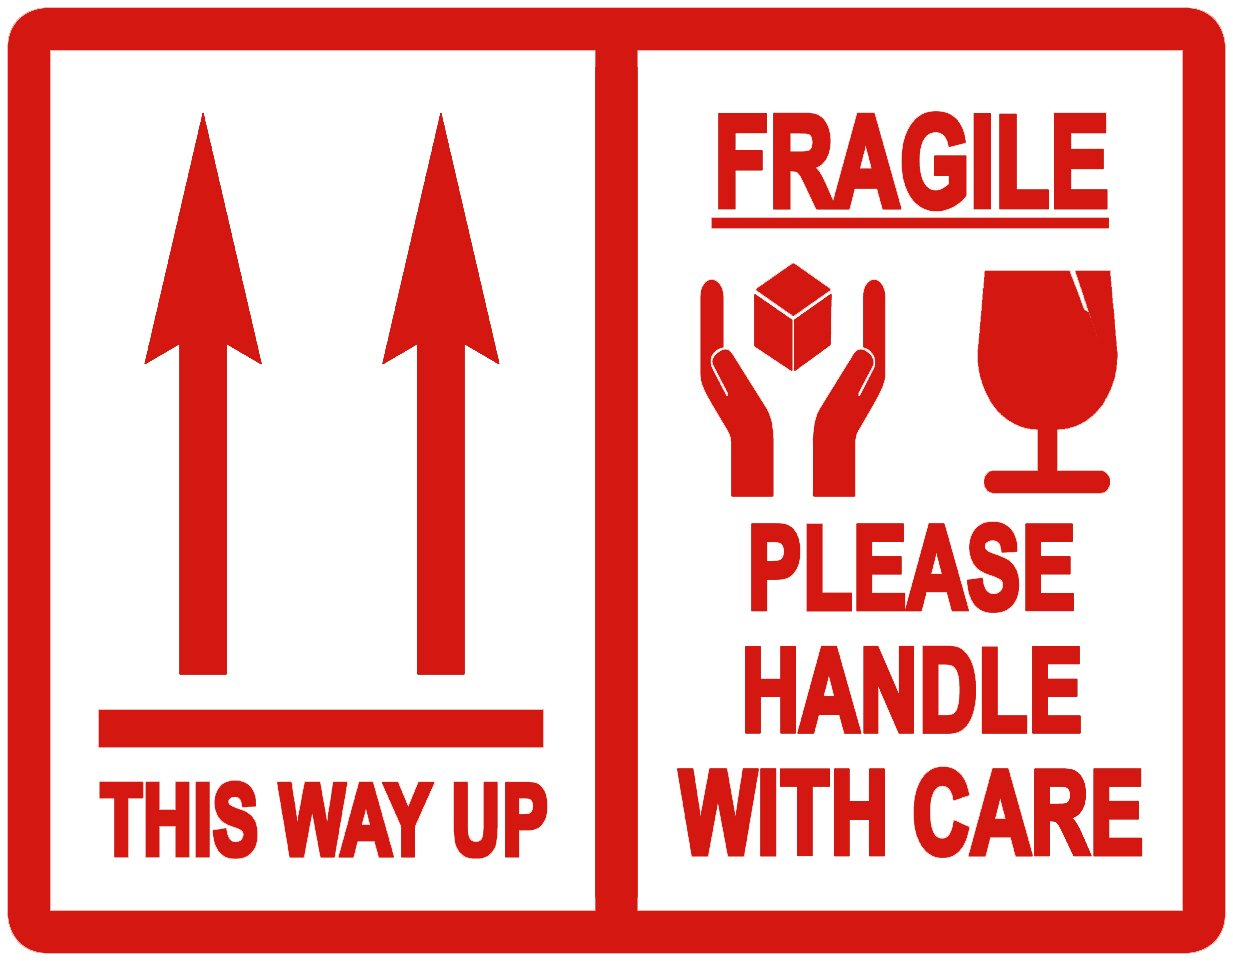 Confezione diThis way Up/fragile–si prega di maneggiare con cura 'Imballaggio adesivi/etichette adesive–Confezione di varie misure disponibili Audioprint Ltd